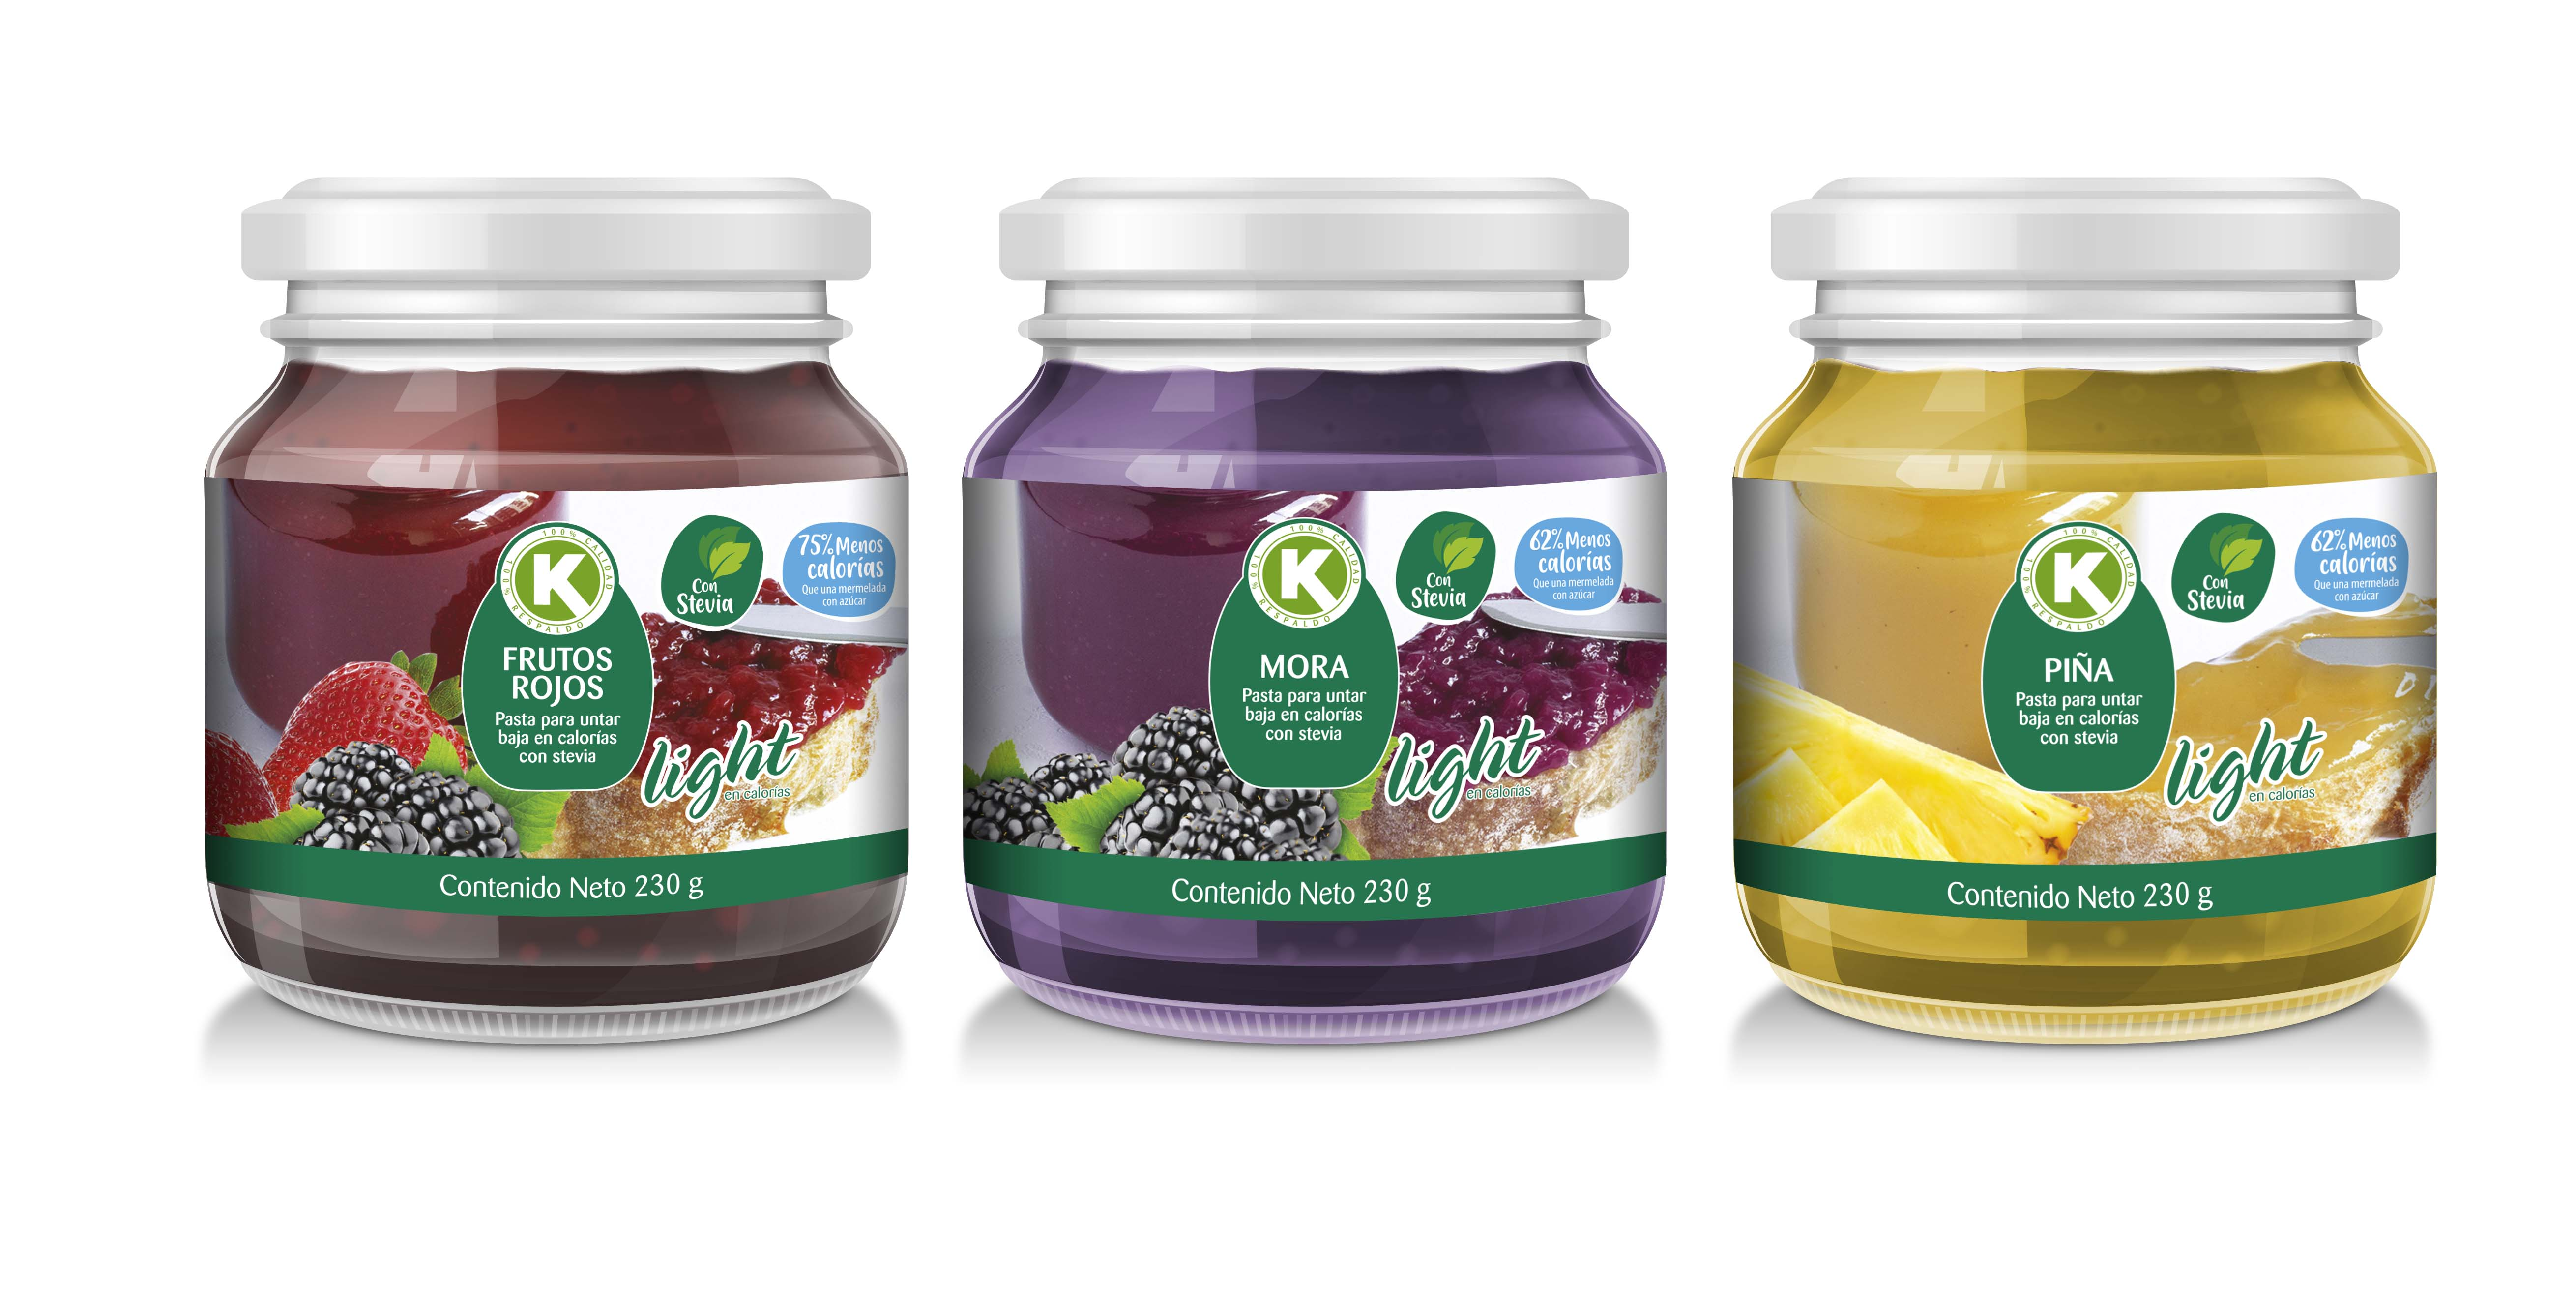 Mermelada k Frutos Rojos Stevia 230g